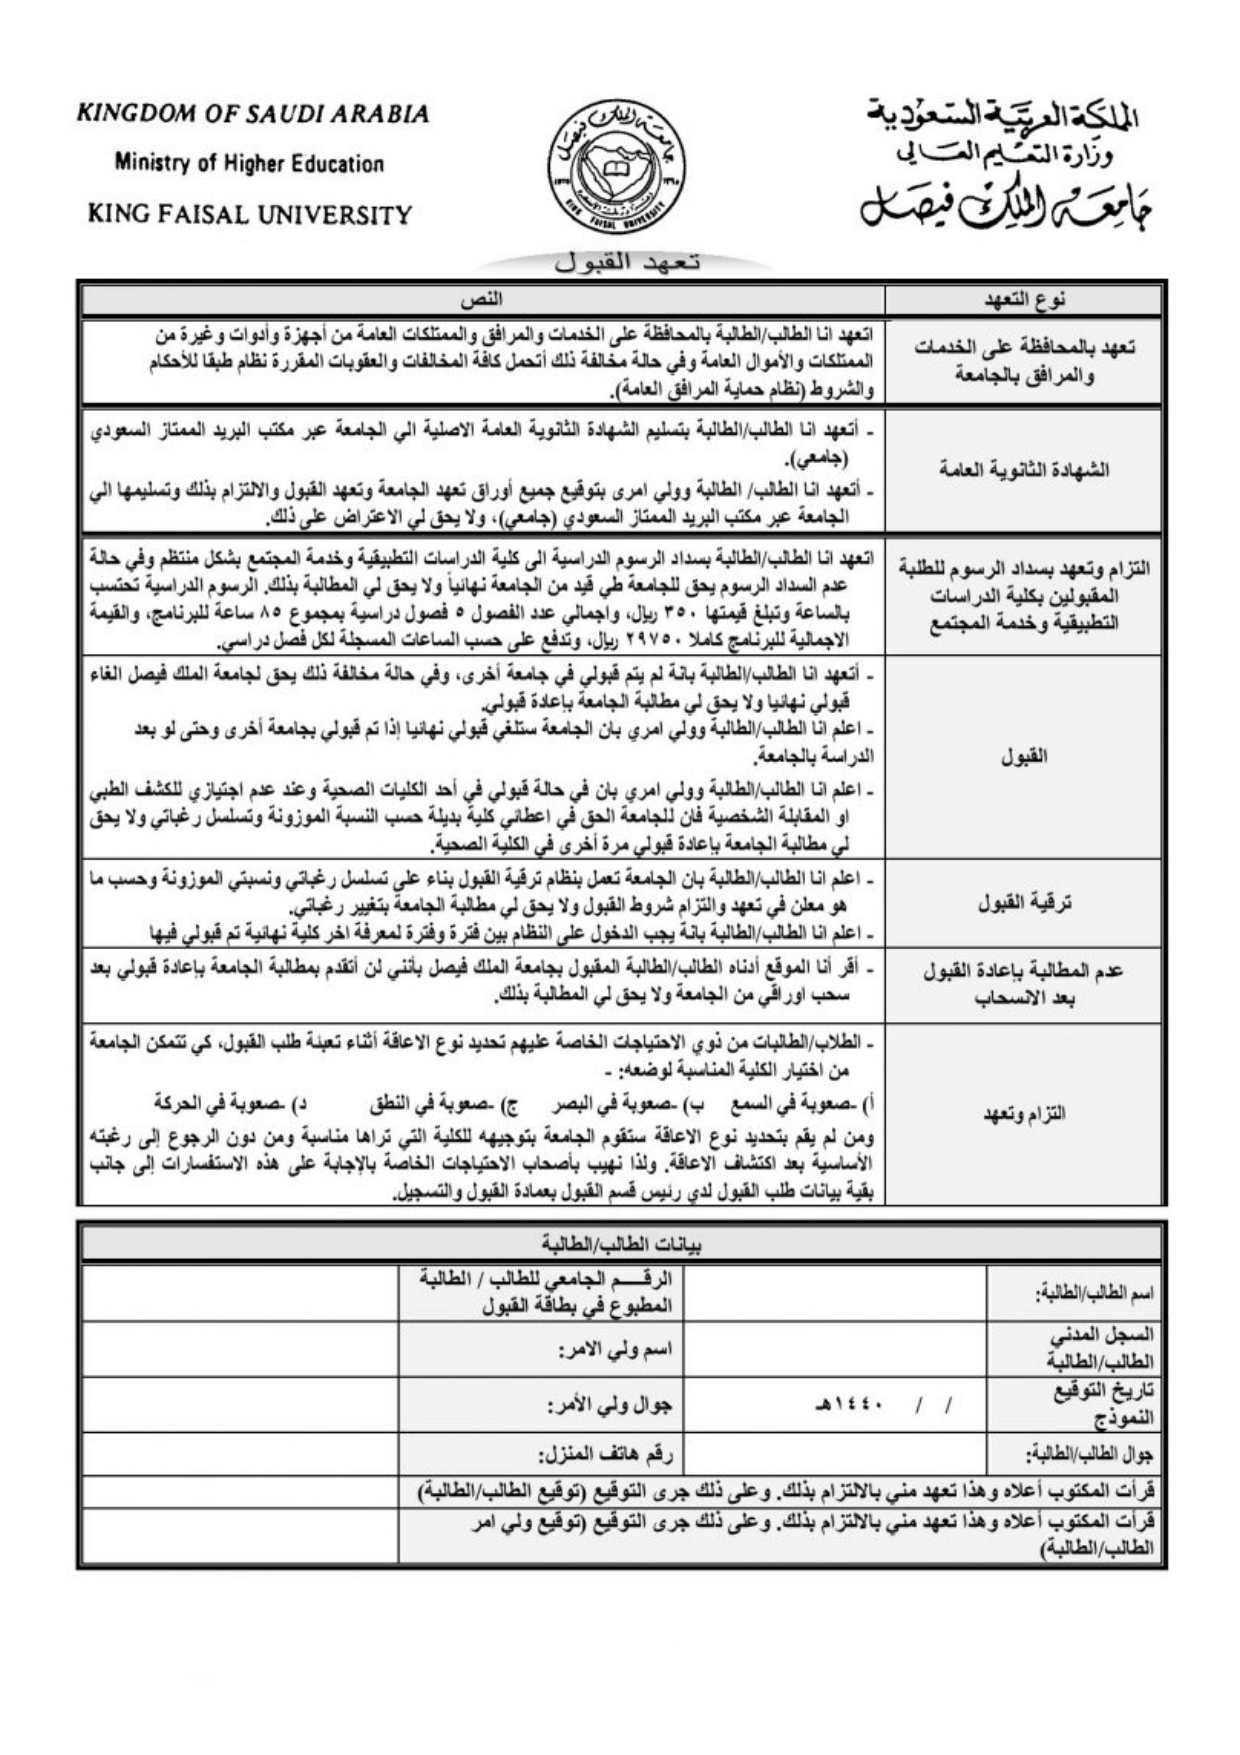 نموذج تعهد الطالب جامعة الملك فيصل